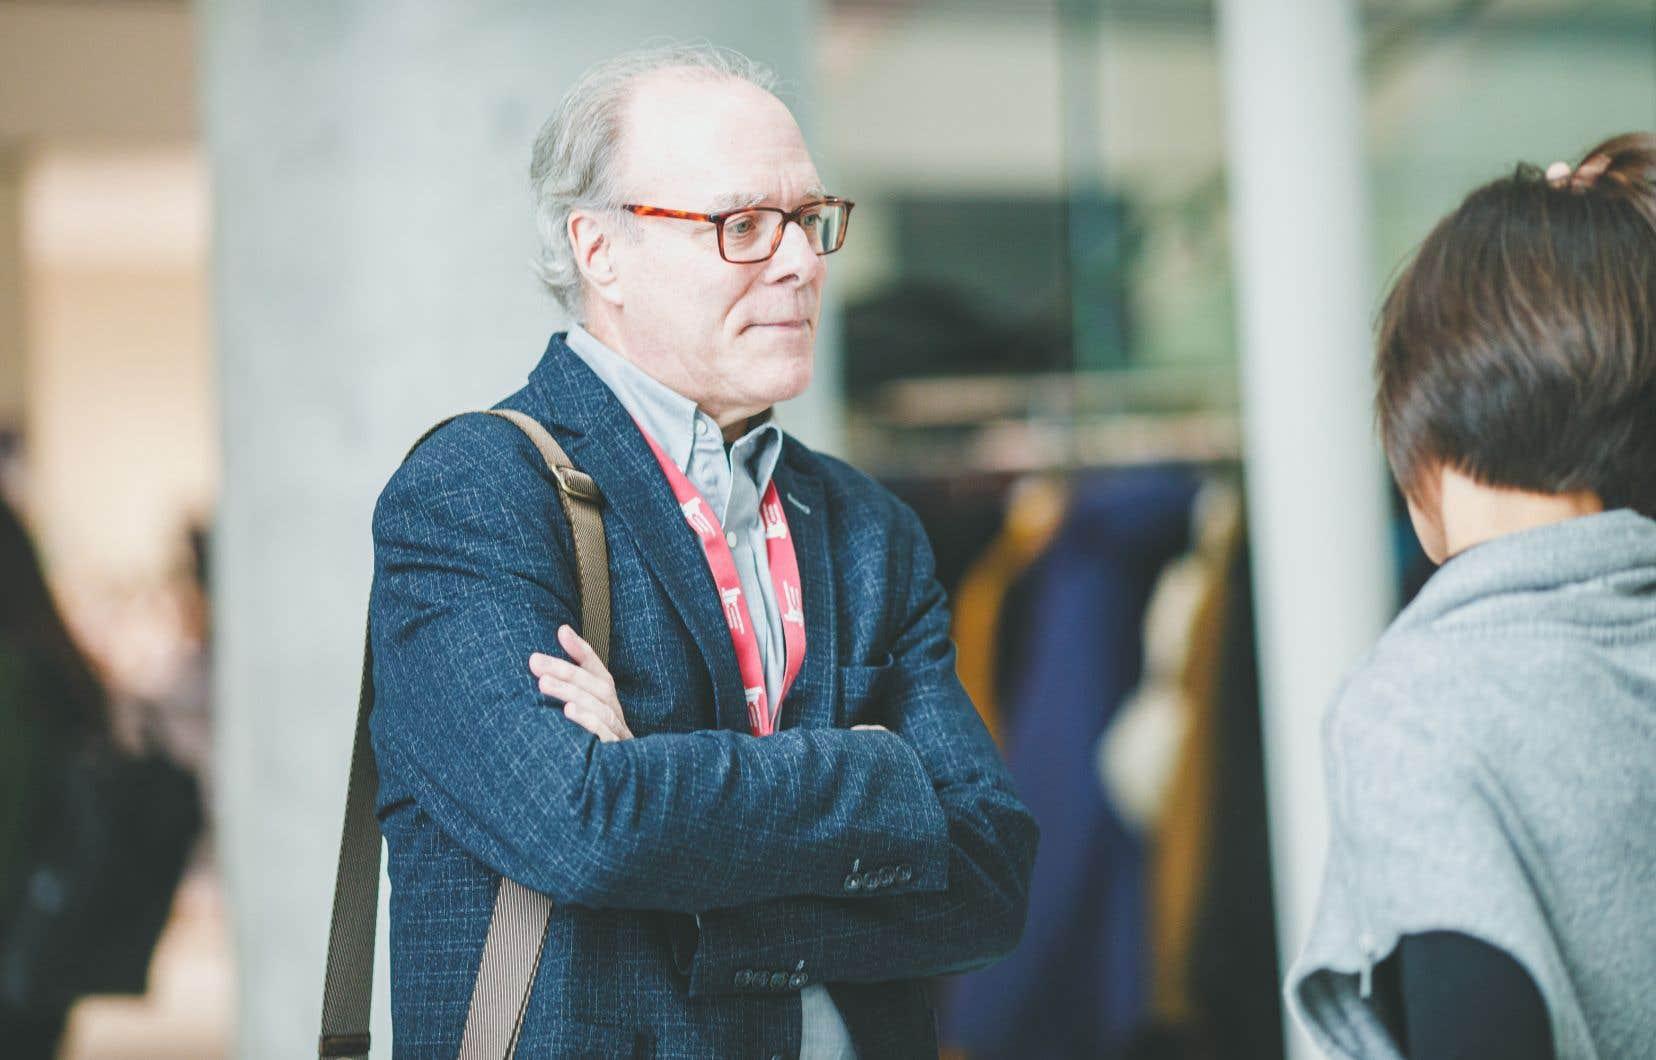 Le chercheur Jacques A. De Guise, lors d'un colloque sur les écosystèmes d'innovation ouverte et la recherche collaborative en technologies médicales, où il a été présenté comme un pionnier au Québec dans l'approche du laboratoire vivant.